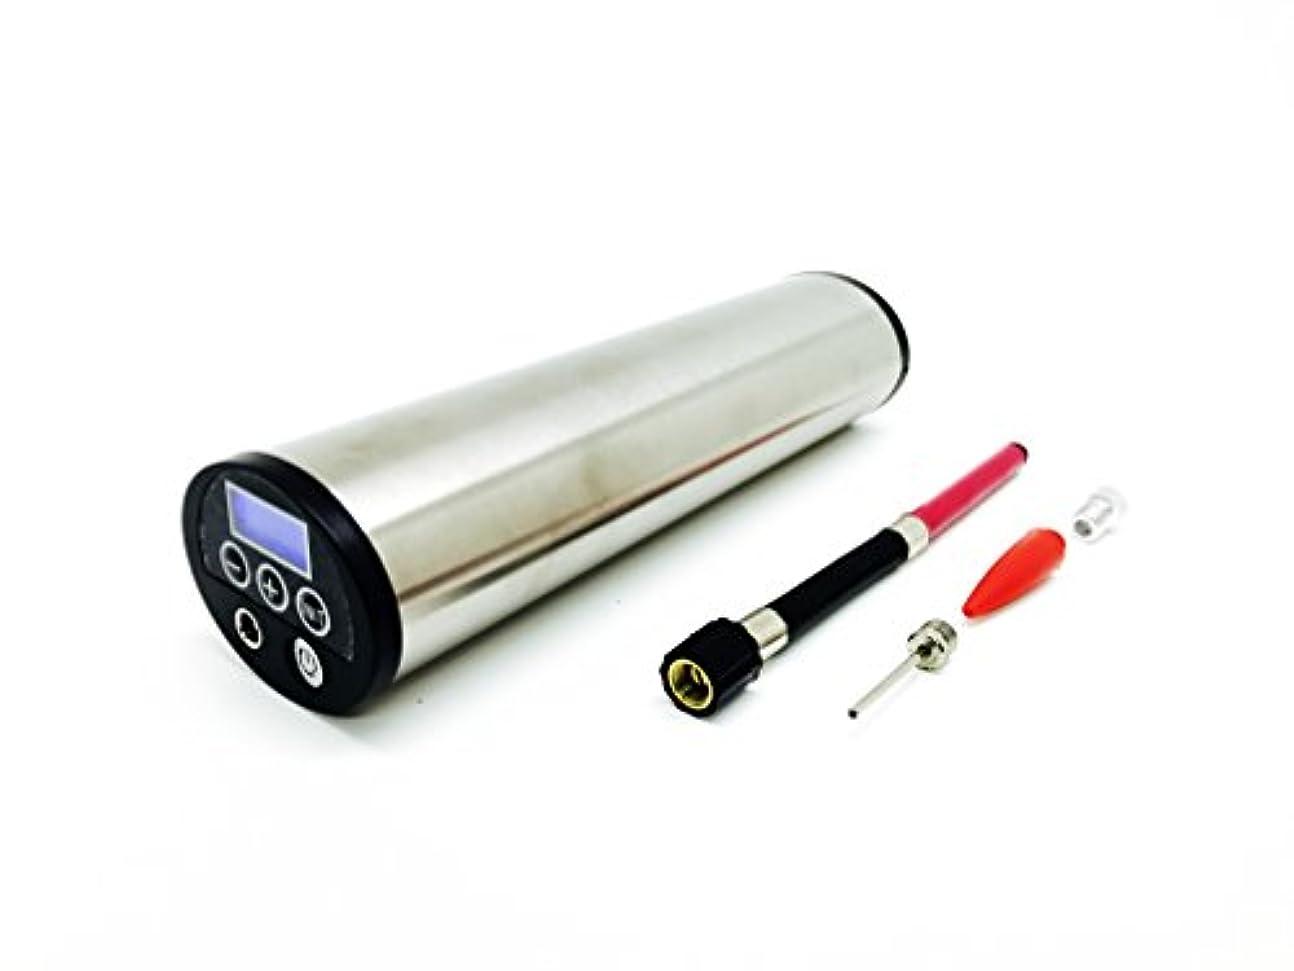 昼寝自由著作権イーアンドケー(Eandk) ポータブルエアーポンプ 充電式 シルバー AX01S シルバー